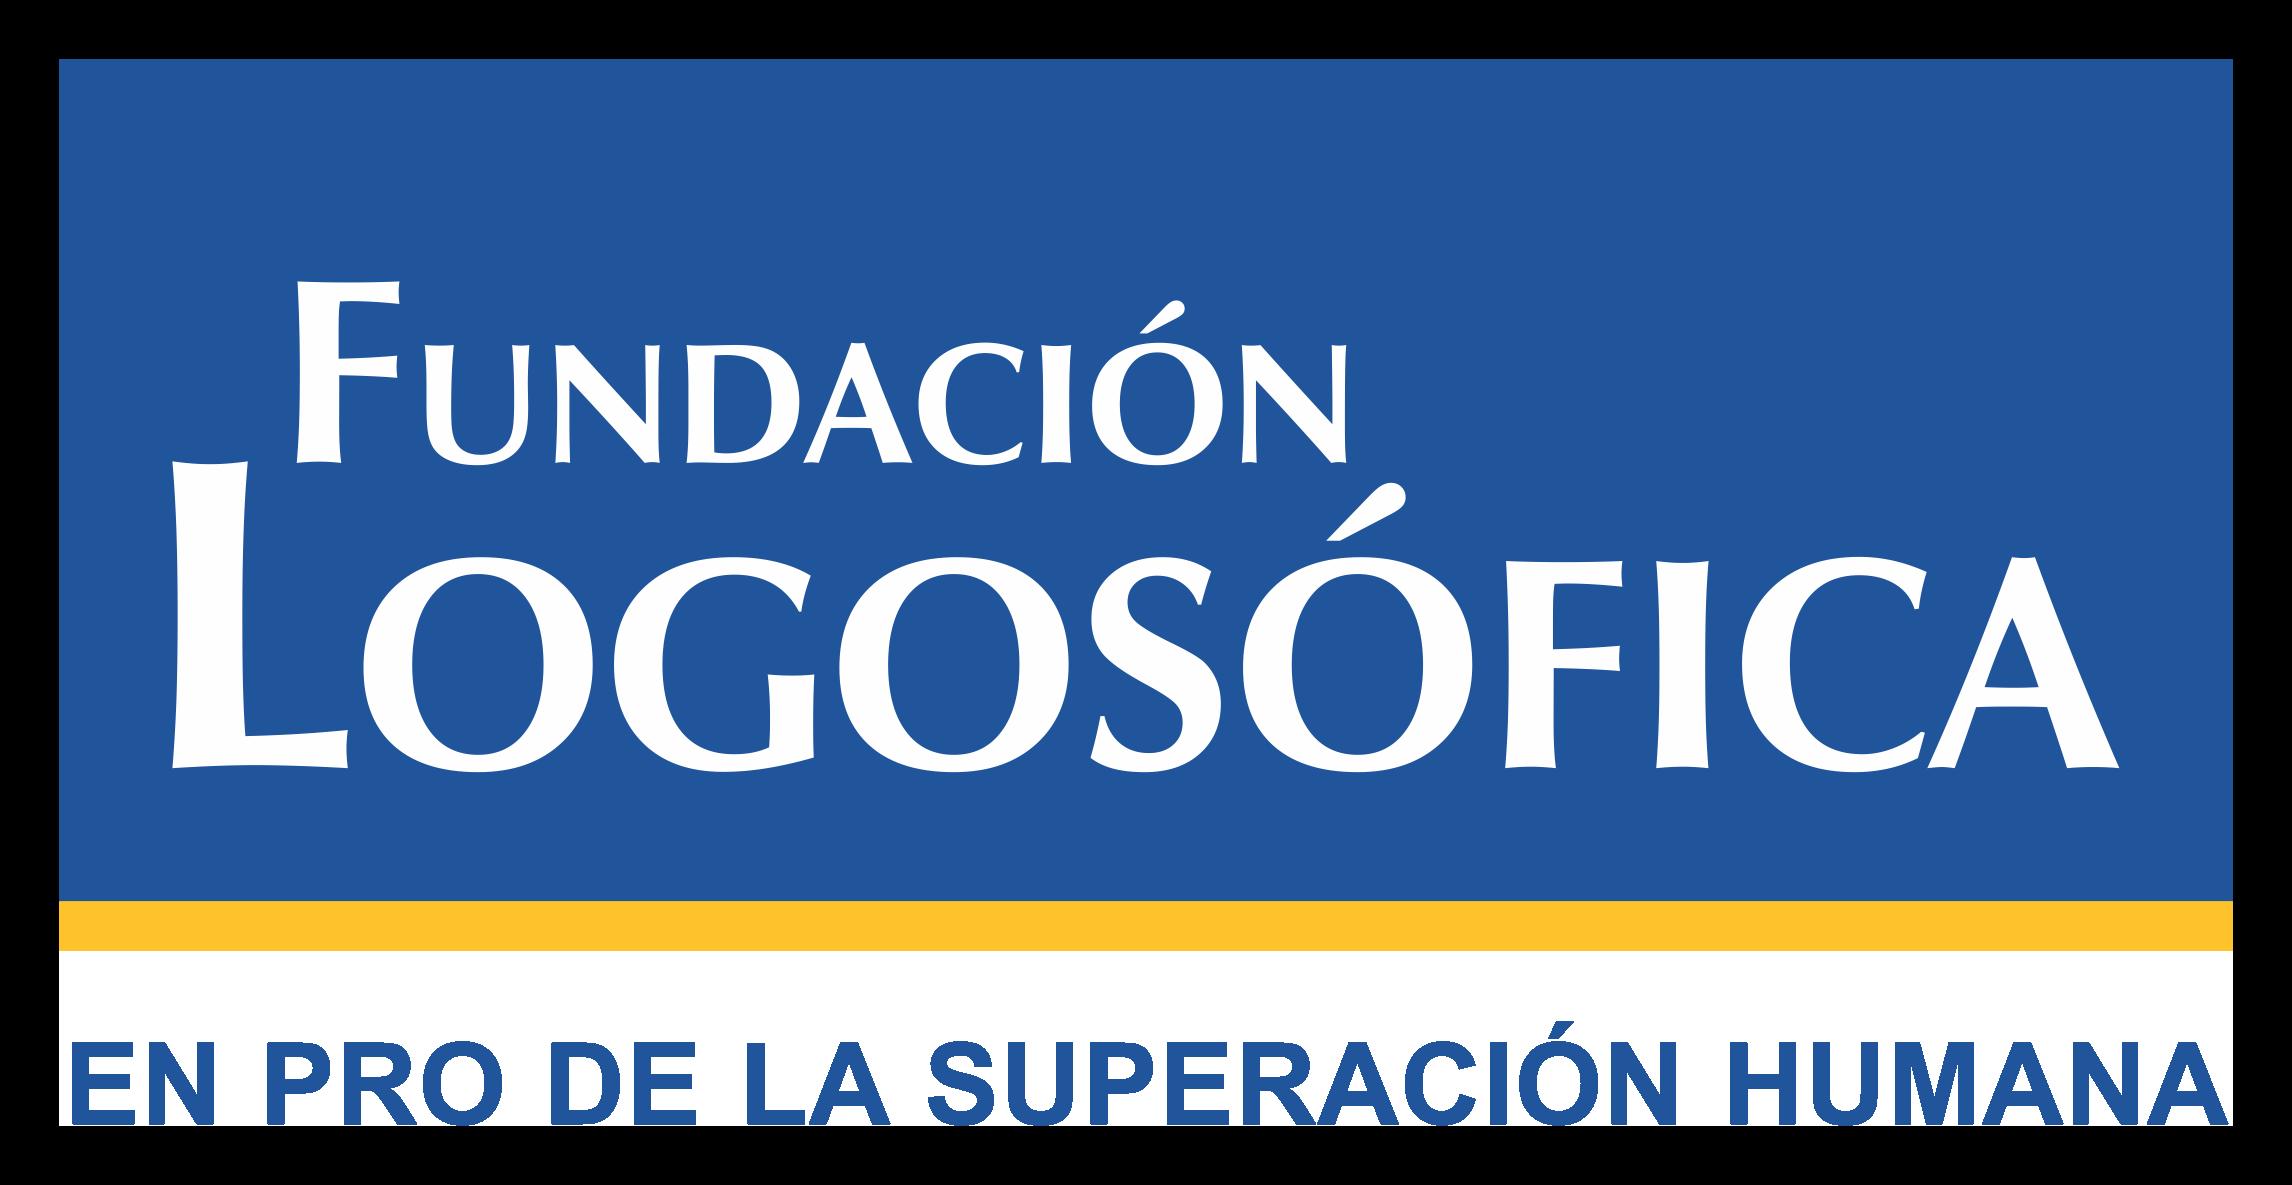 articulos archivos - Página 3 de 4 - Logosofia Barcelona 858e804a32d